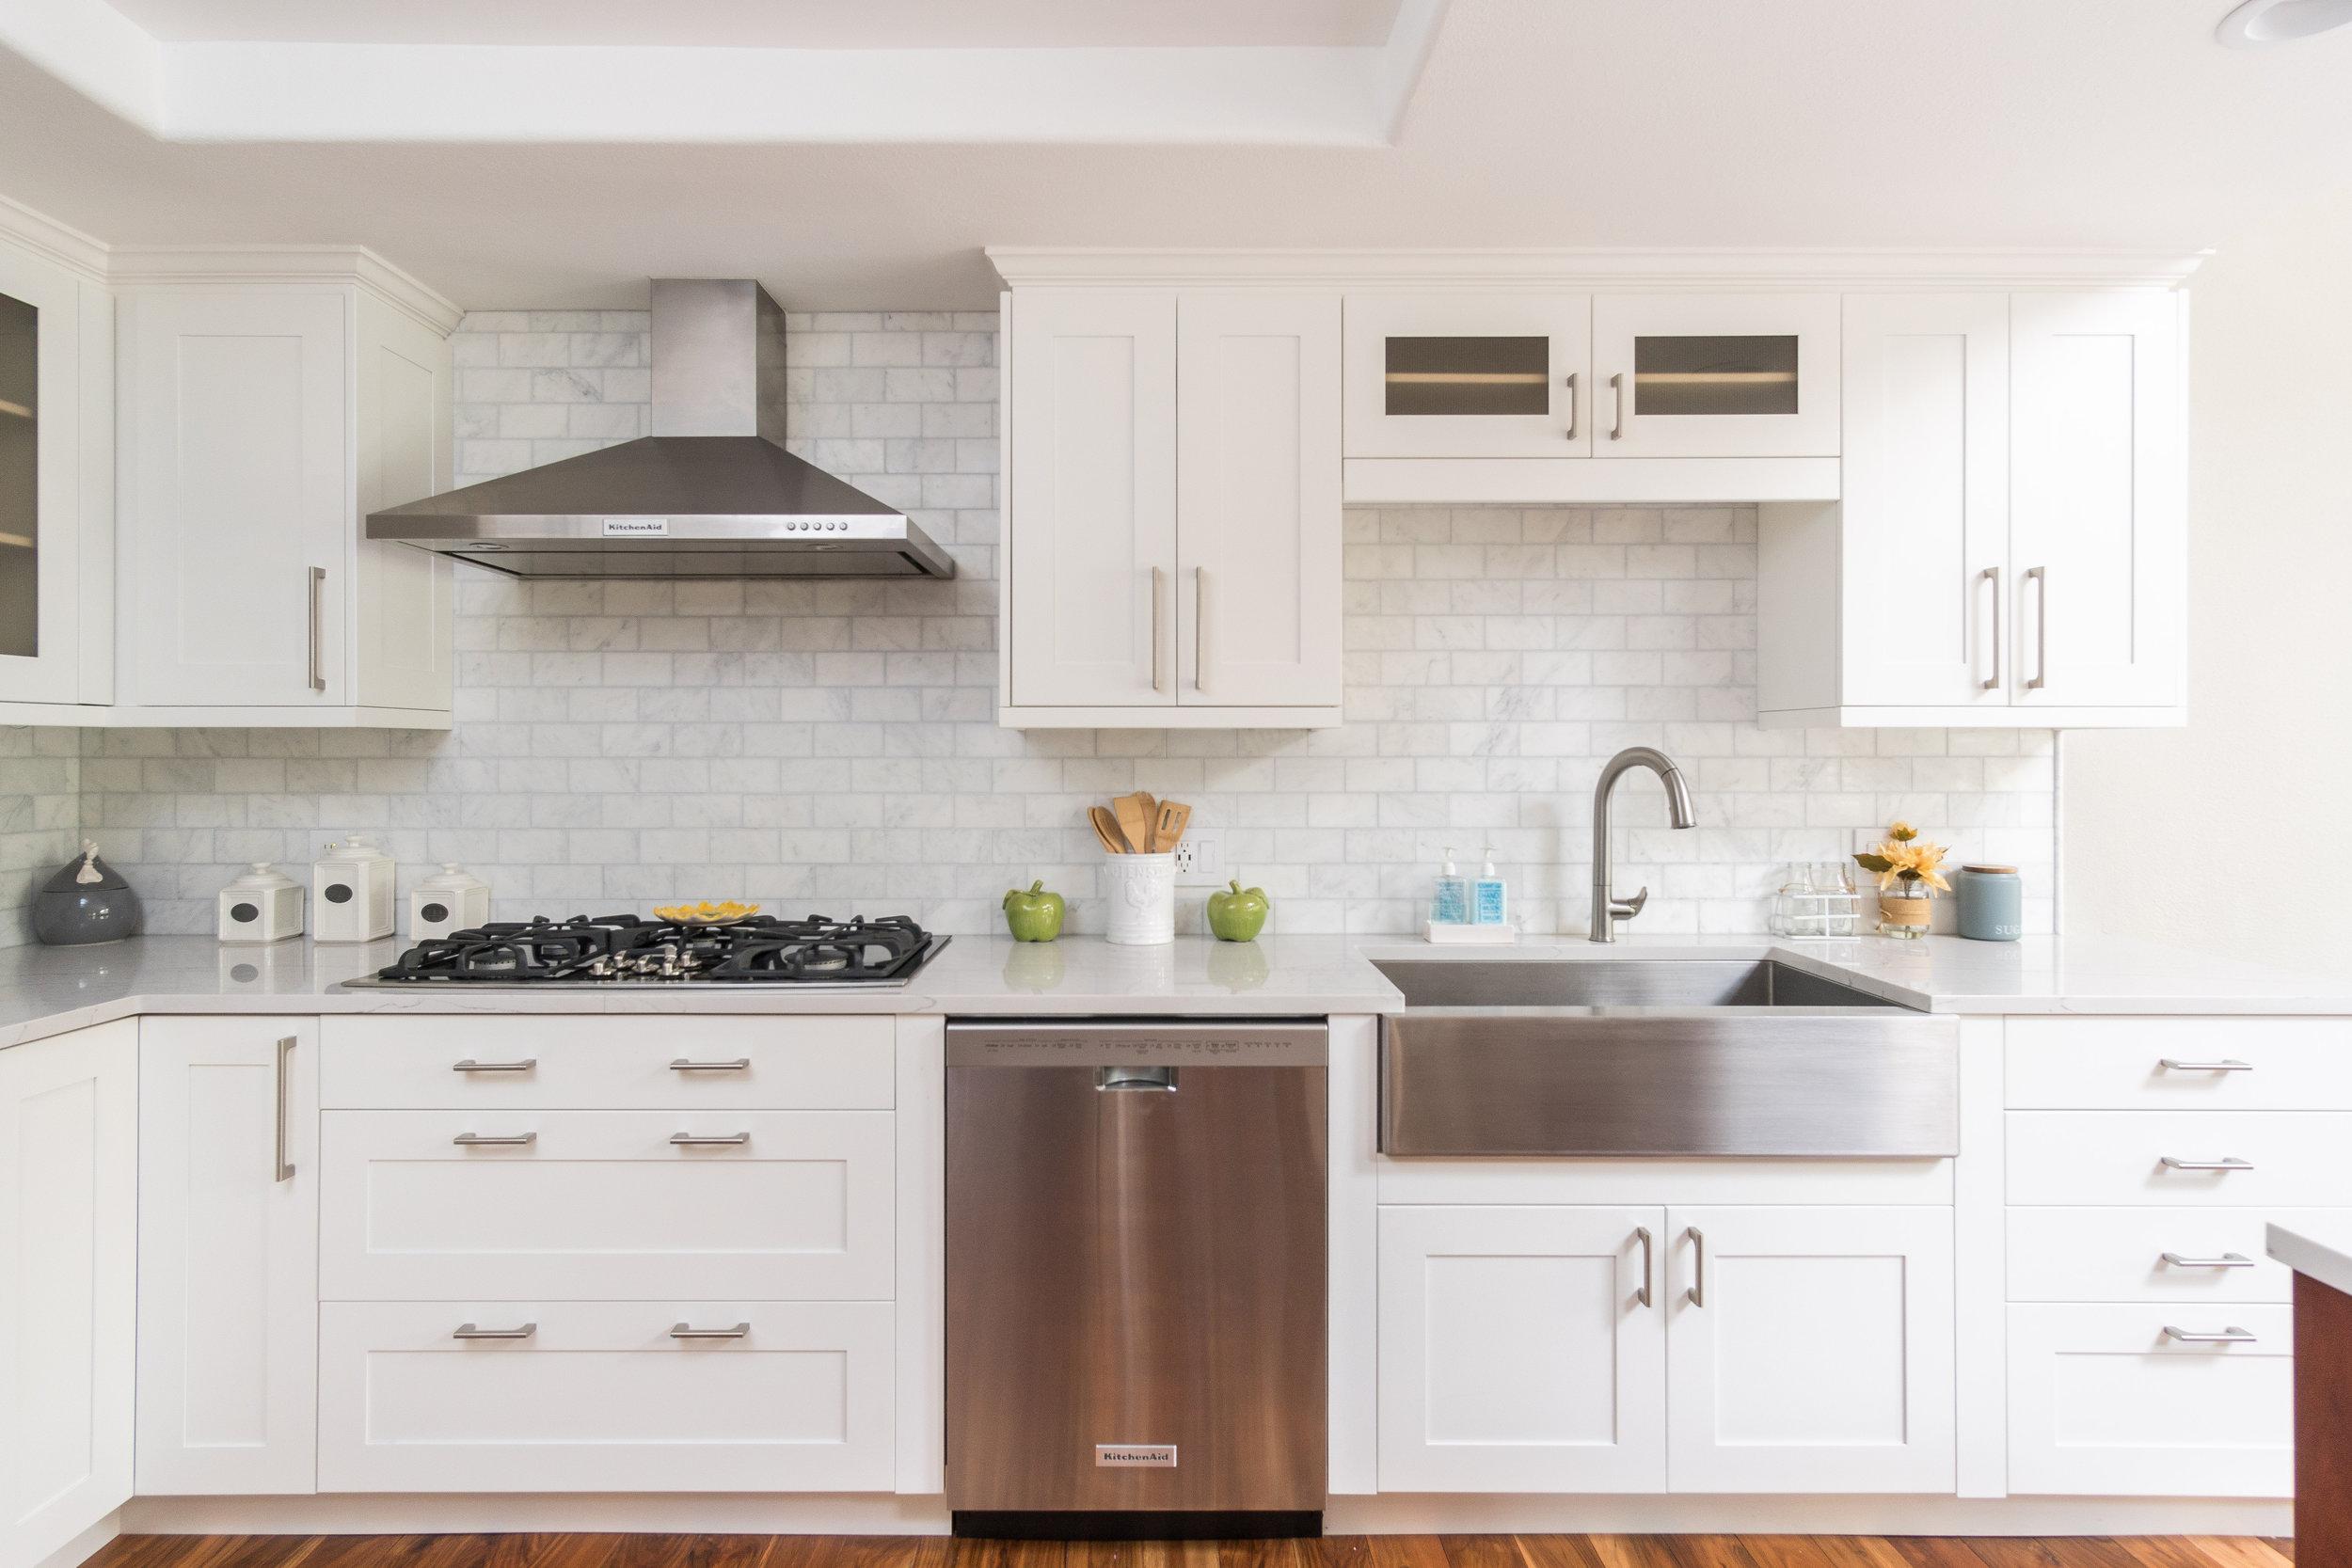 Interior Design Photography - Manhattan Beach Kitchen Remodel